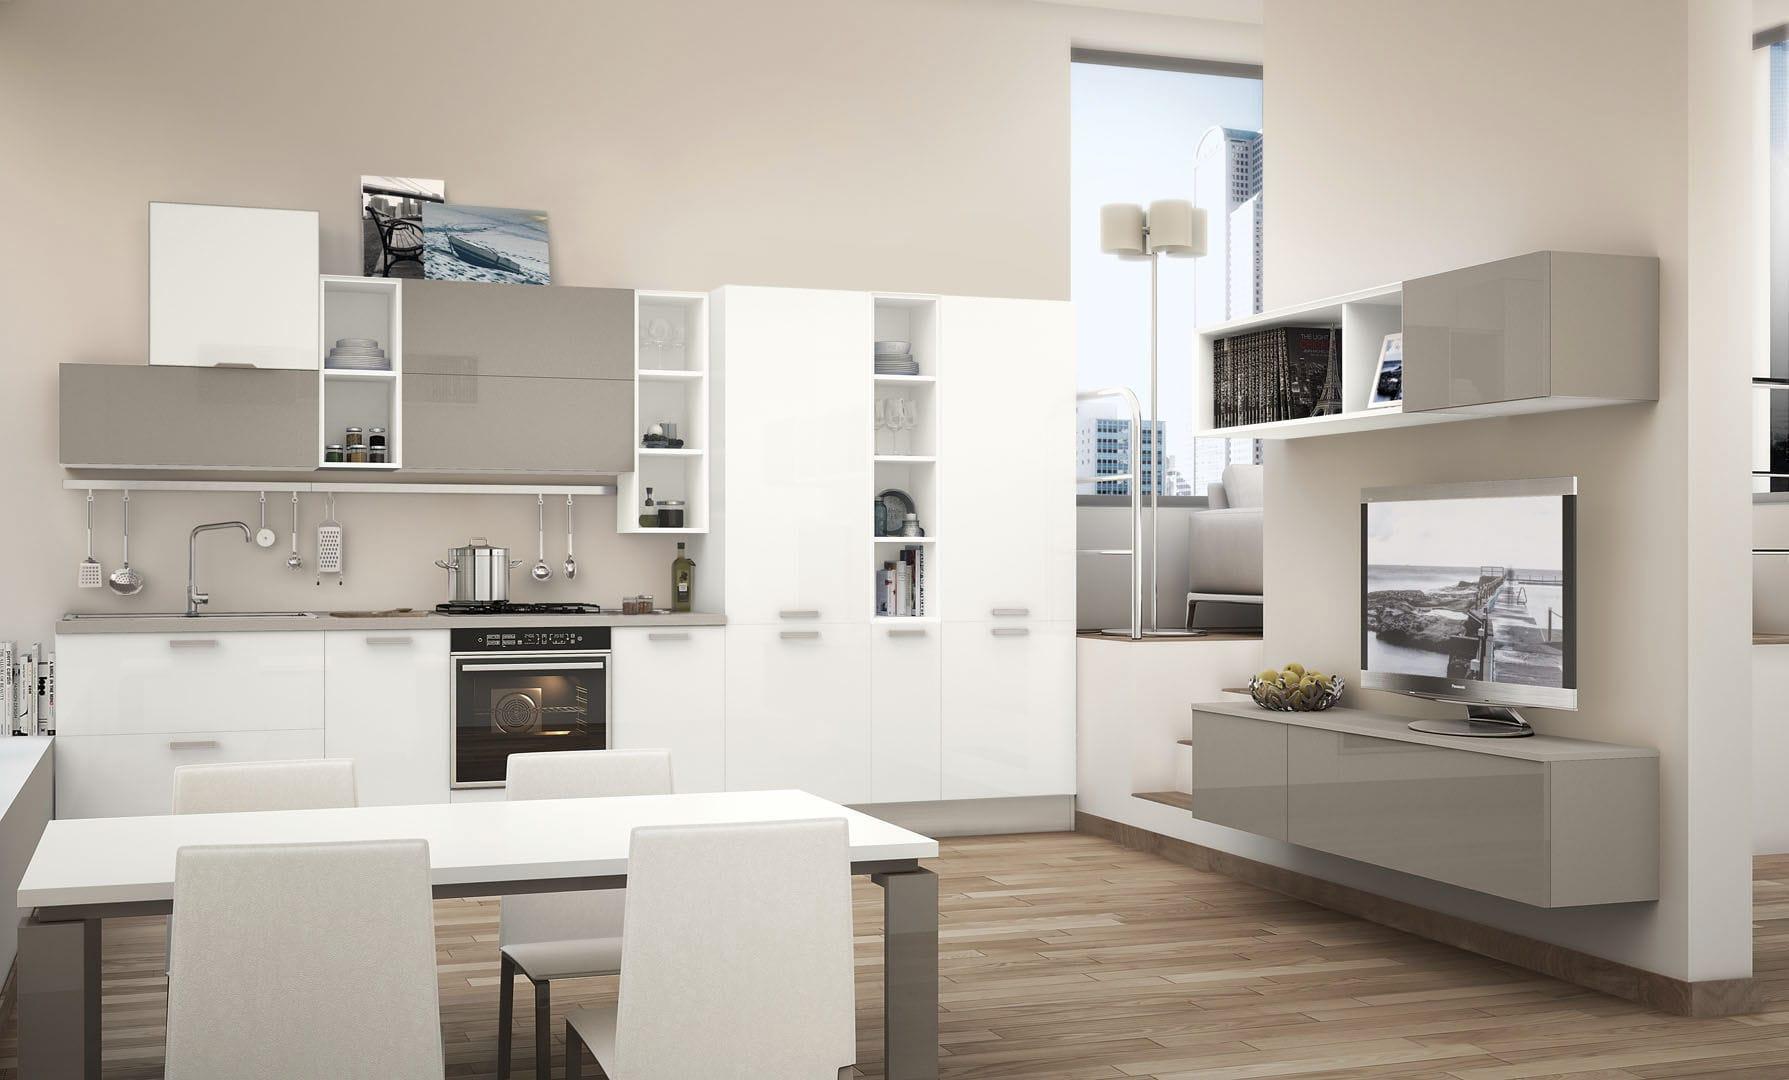 Cucina moderna / in legno / laccata / opaca - NOEMI - CUCINE LUBE ...